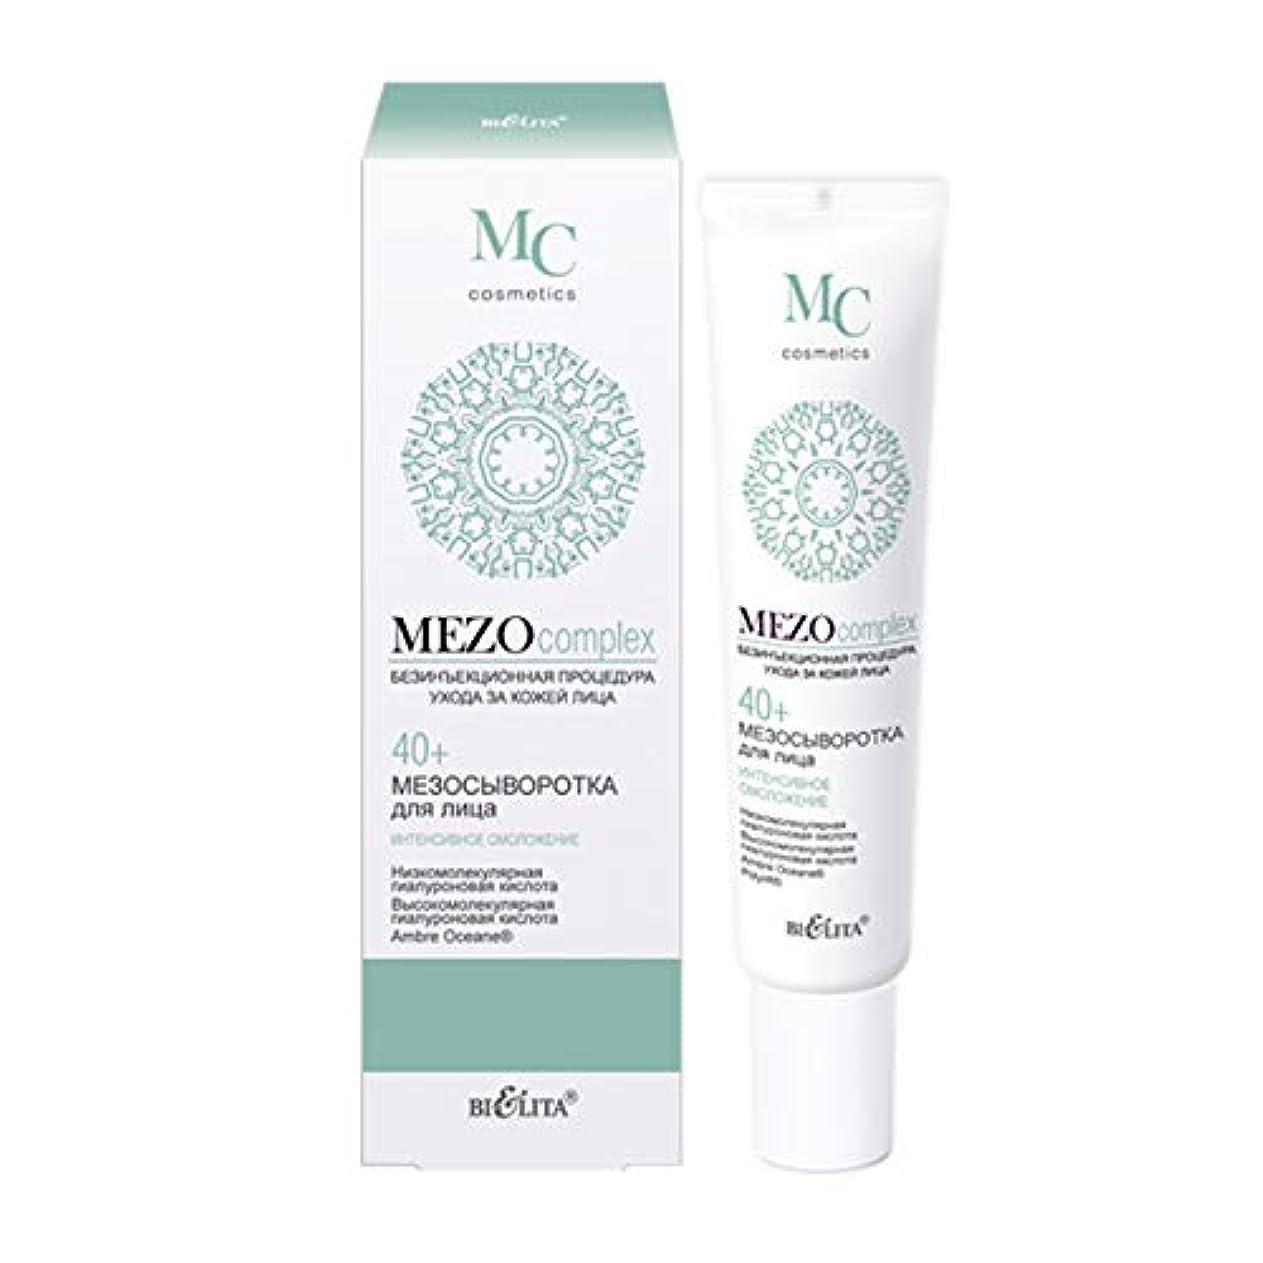 予報湿気の多いショップMezo complex Serum Intensive Rejuvenation 40+ | Non-injection facial skin care procedure | Ambre Oceane | Polylift...